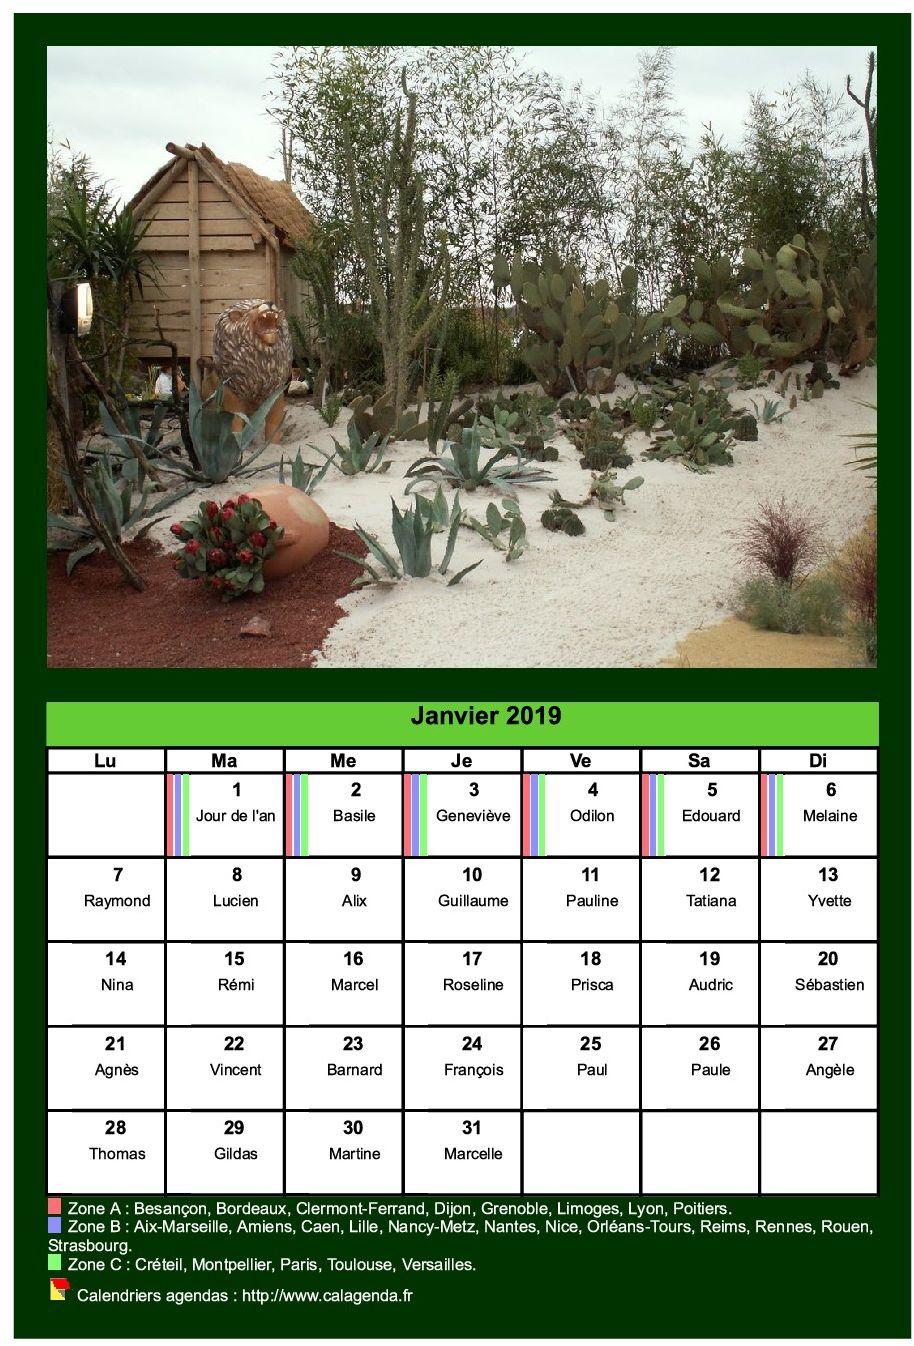 Calendrier mensuel 2019 avec une photo différente chaque mois